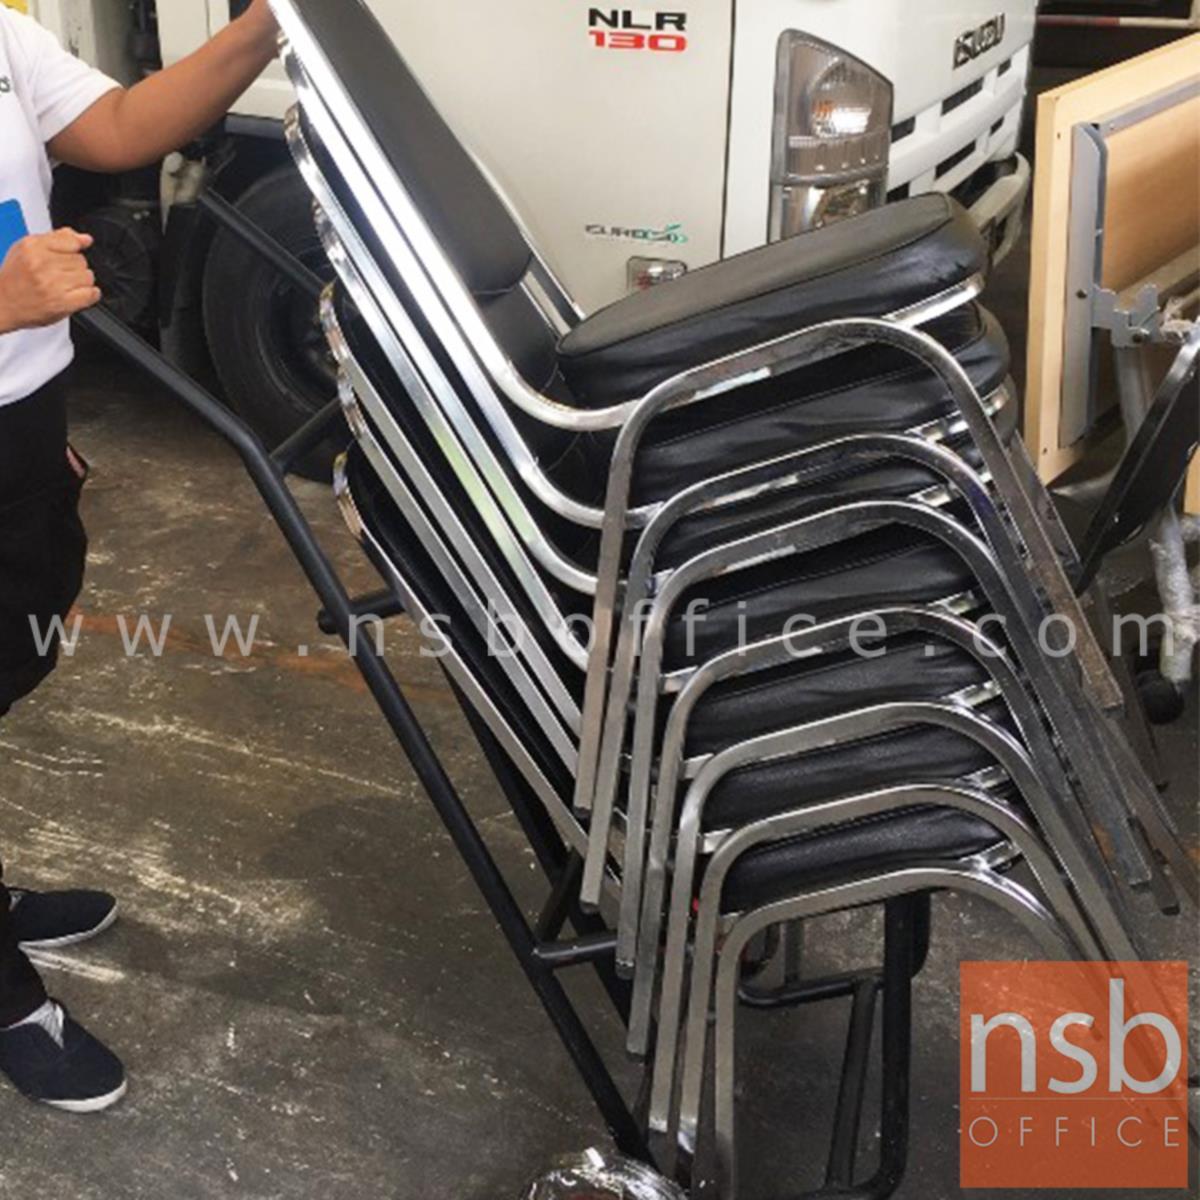 รถเข็นเก้าอี้จัดเลี้ยง มือจับ 2 ข้าง SPP-01 ล้อยาง 8 นิ้ว